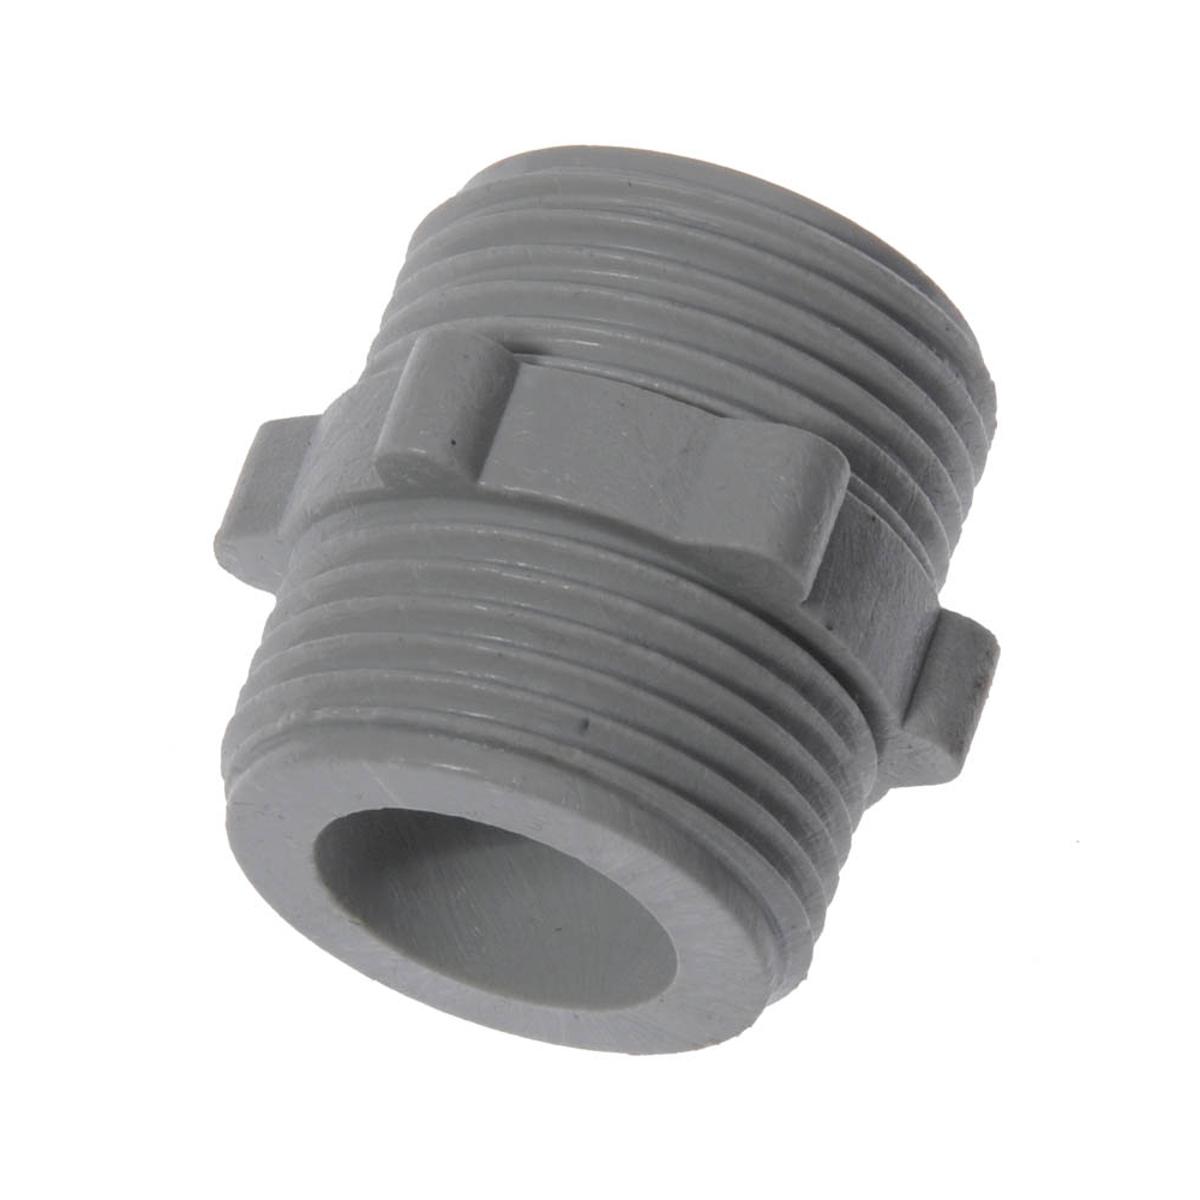 Ниппель 3/4 пластик, наружная резьба МастерПрофИС.130482Ниппель (боченок) пластиковый представляет из себя соединительную трубку, предназначенную для временного или постоянного герметичного соединения двух заливных шлангов друг с другом. Размер: 3/4 (20 мм). Материал: пластик. Цвет: белый.